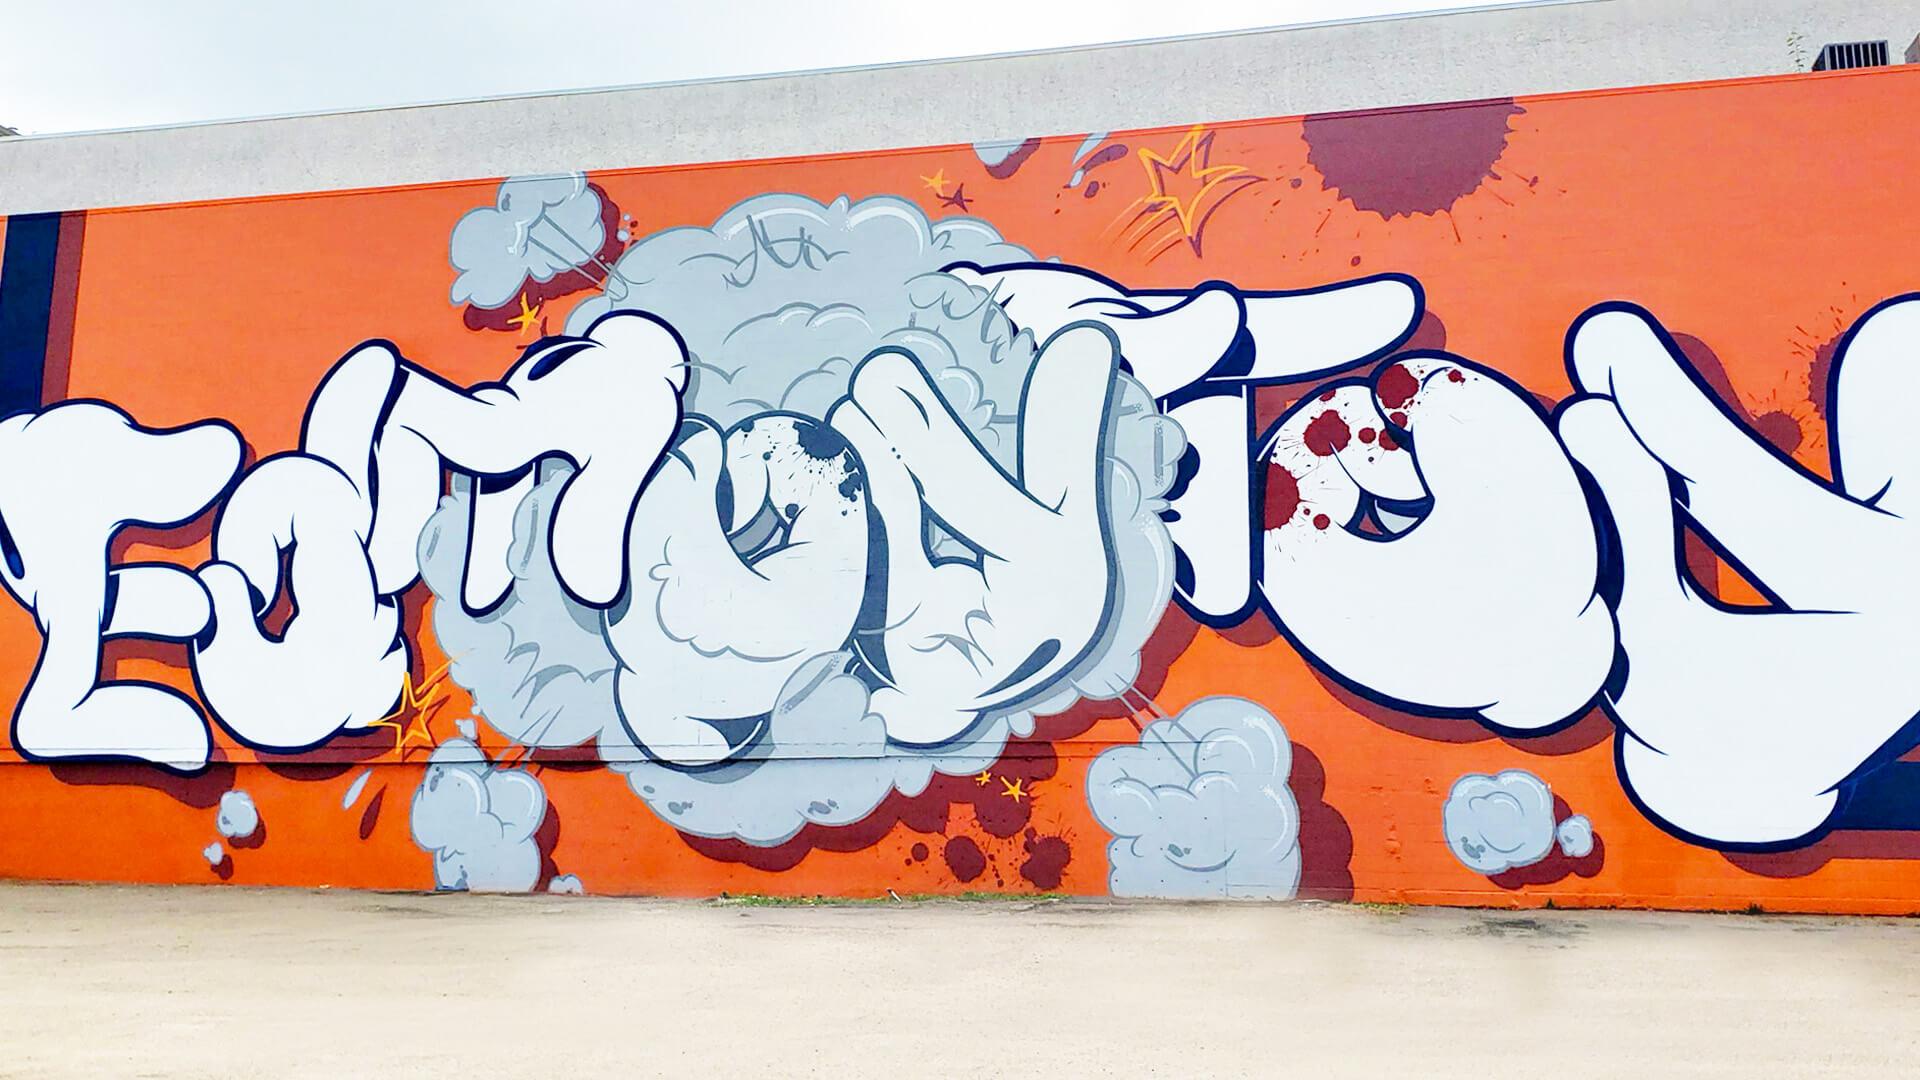 OG Slick - Edmonton Instagrammable Wall Mural